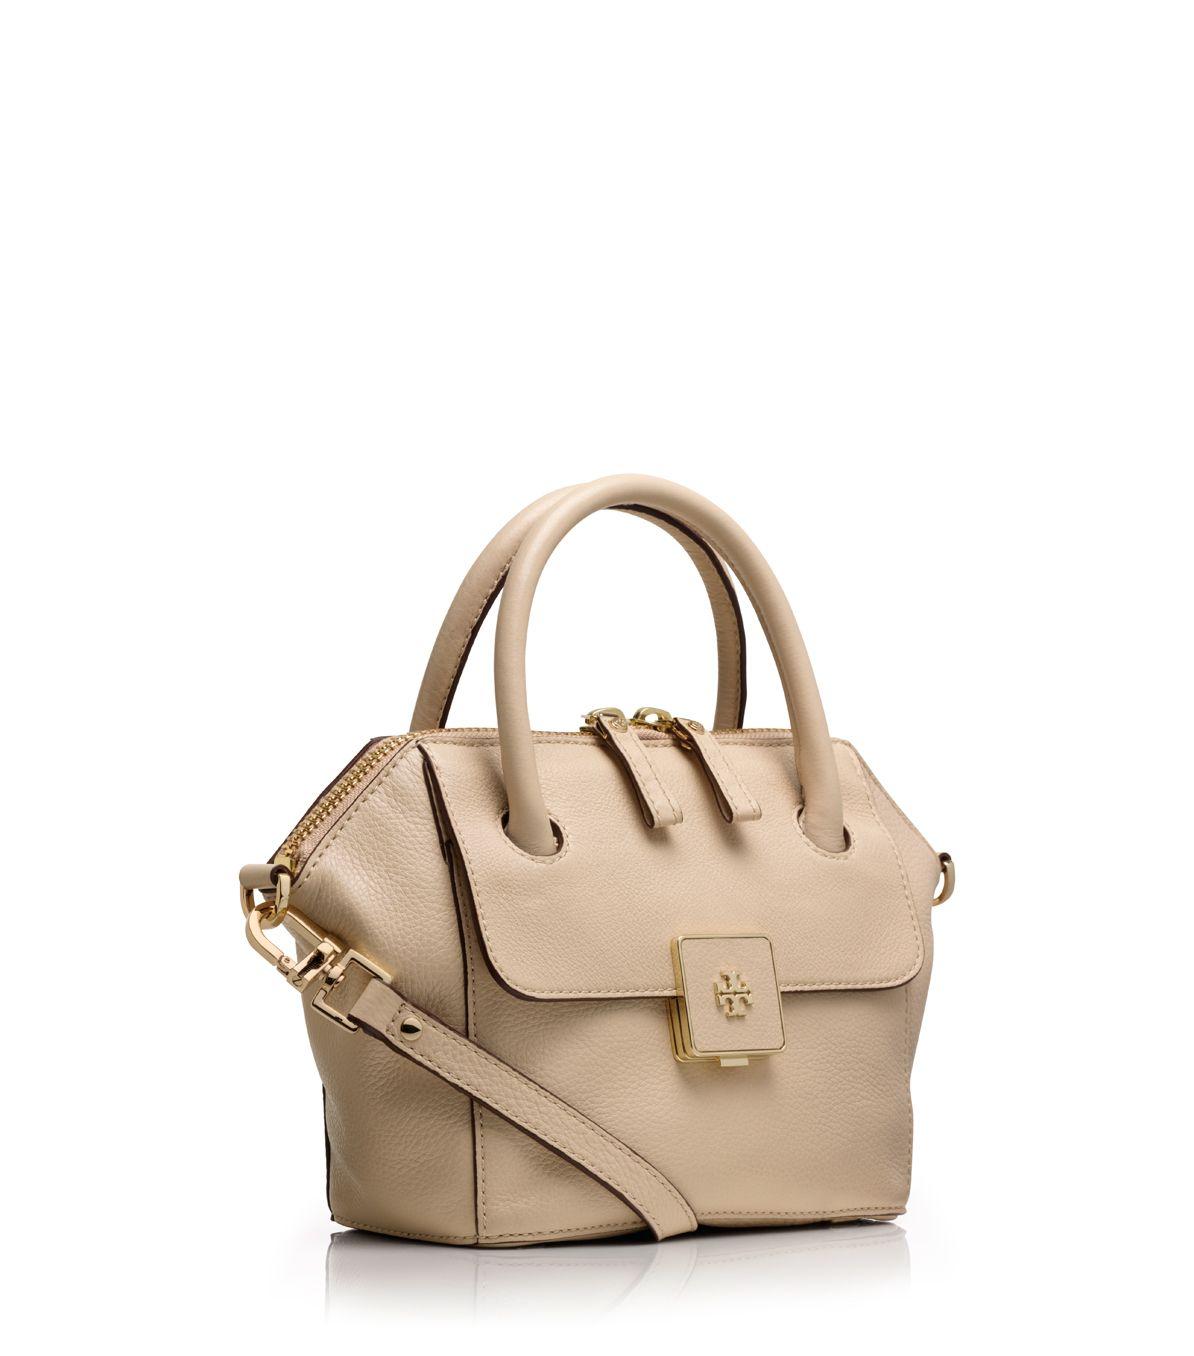 32267950c40 Lyst - Tory Burch Clara Mini Bag in Natural